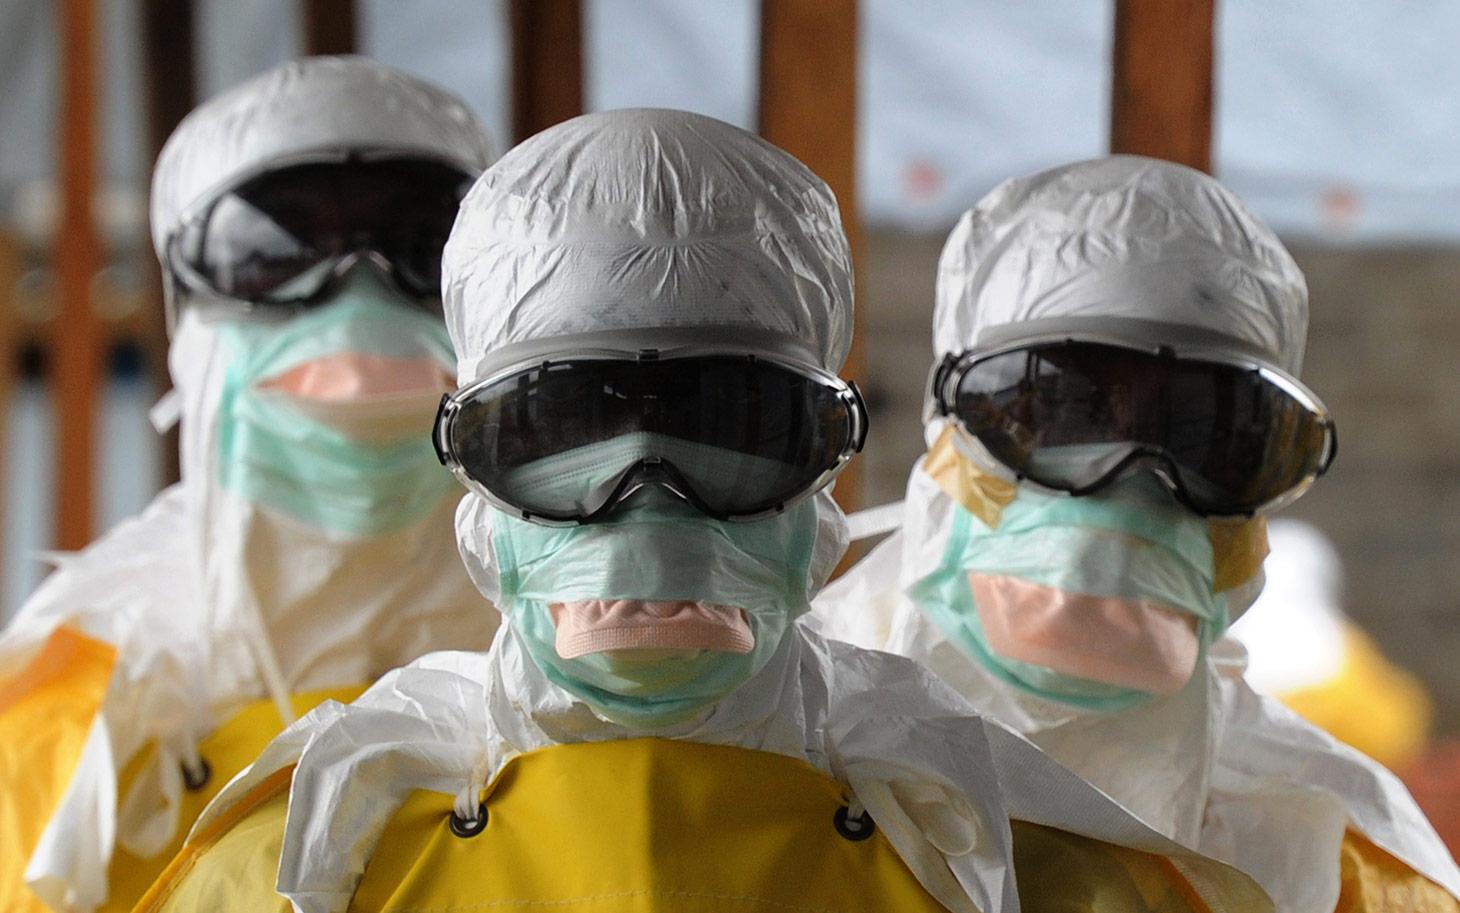 Ebola virusu užkrėstose teritorijose dirbantys sveikatos priežiūros specialistai. (Al Jazeera America nuotr.)